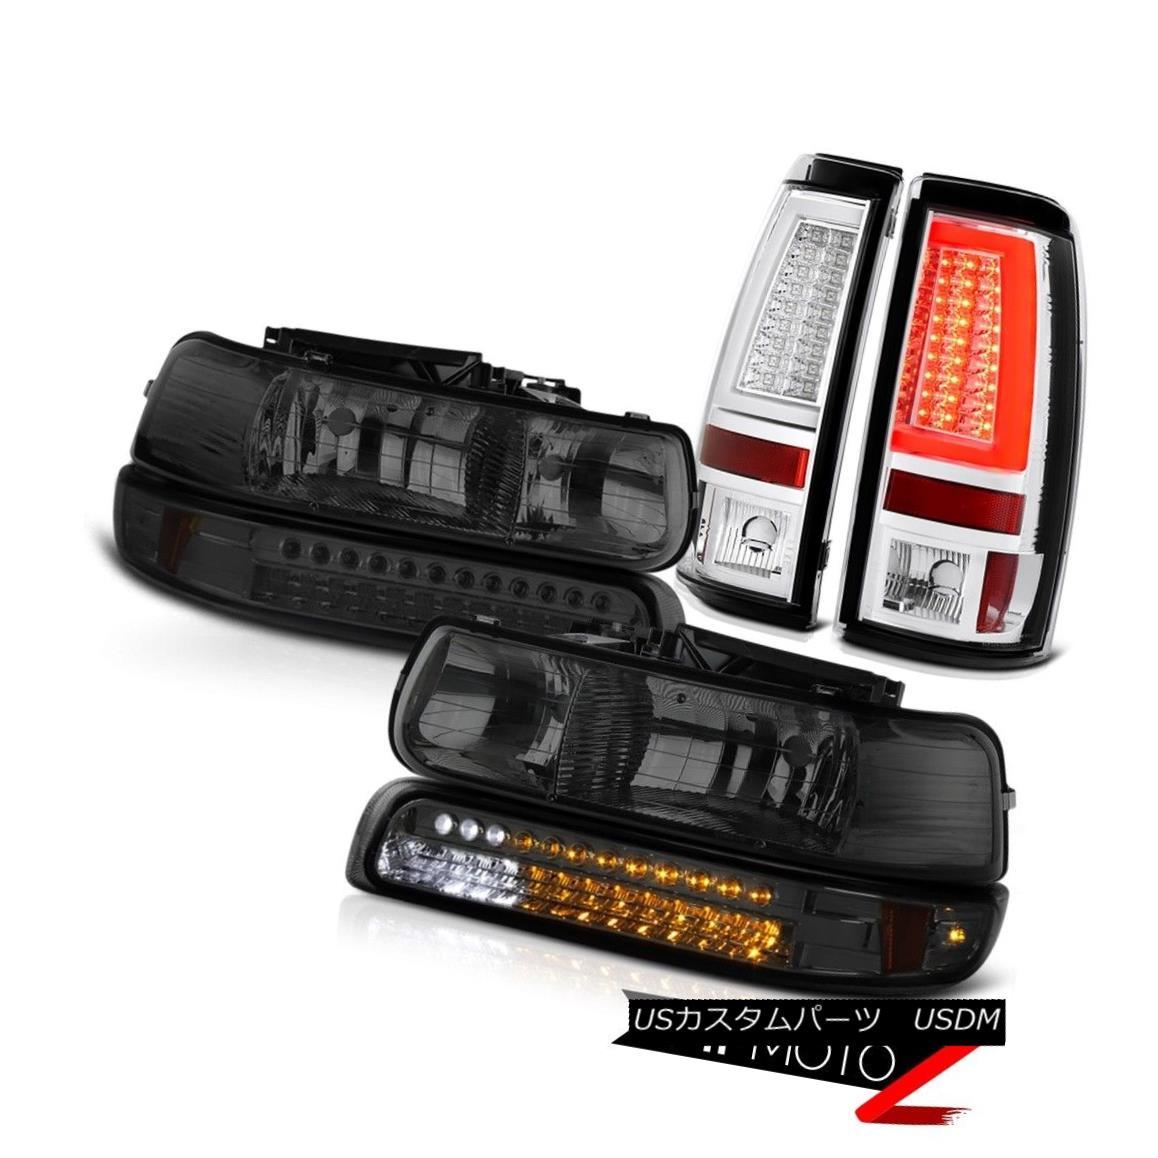 テールライト 99-02 Silverado LS Euro Clear Tail Lights Headlights Turn Signal Tron Tube LED 99-02 Silverado LSユーロクリアテールライトヘッドライトターンシグナルトロンチューブLED